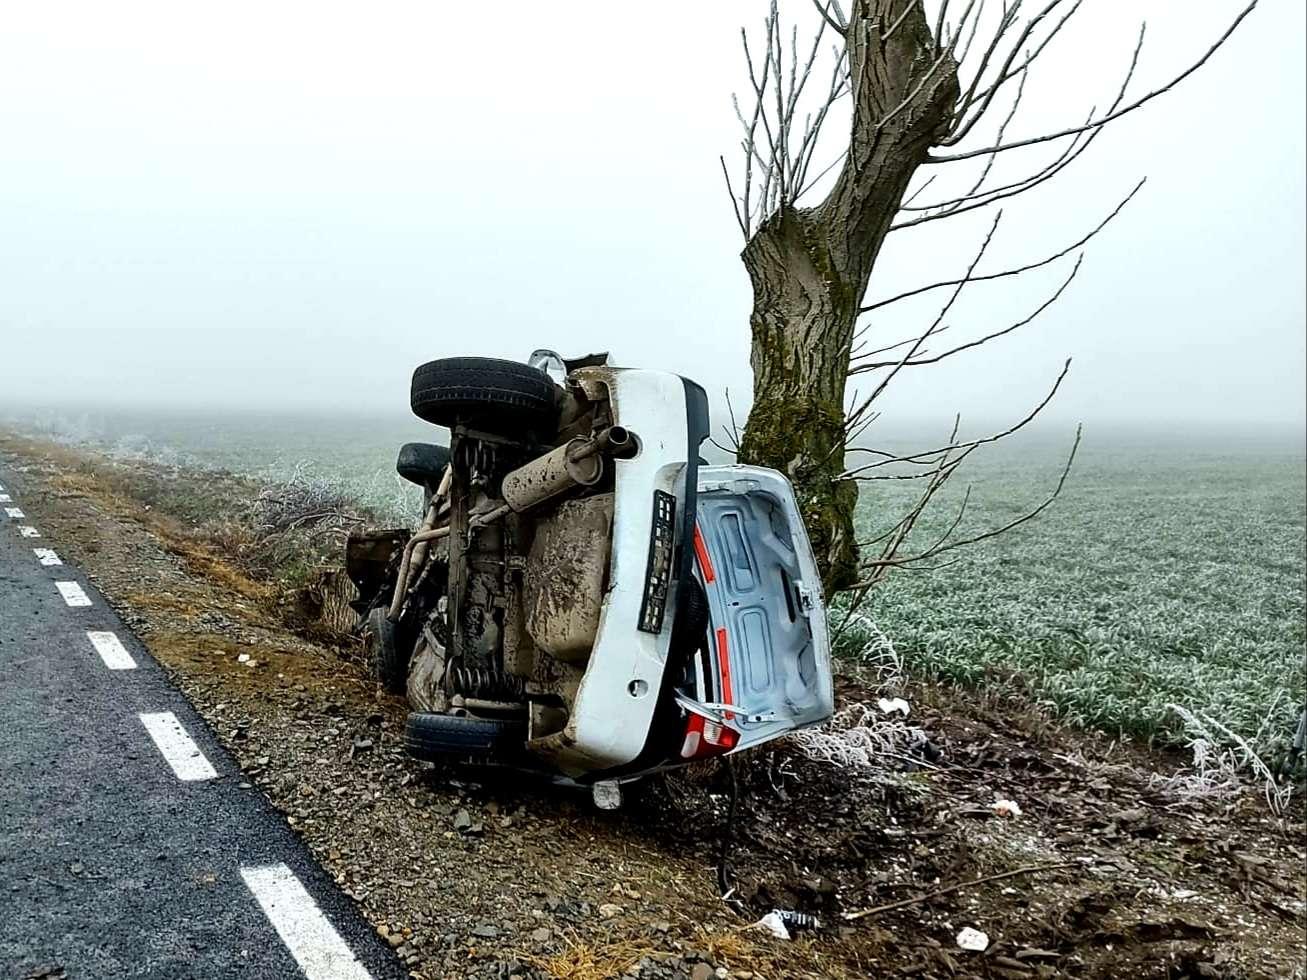 Un bărbat a pierdut controlul volanului și s-a răsturnat cu autoturismul, oprindu-se într-un copac de pe marginea drumului!